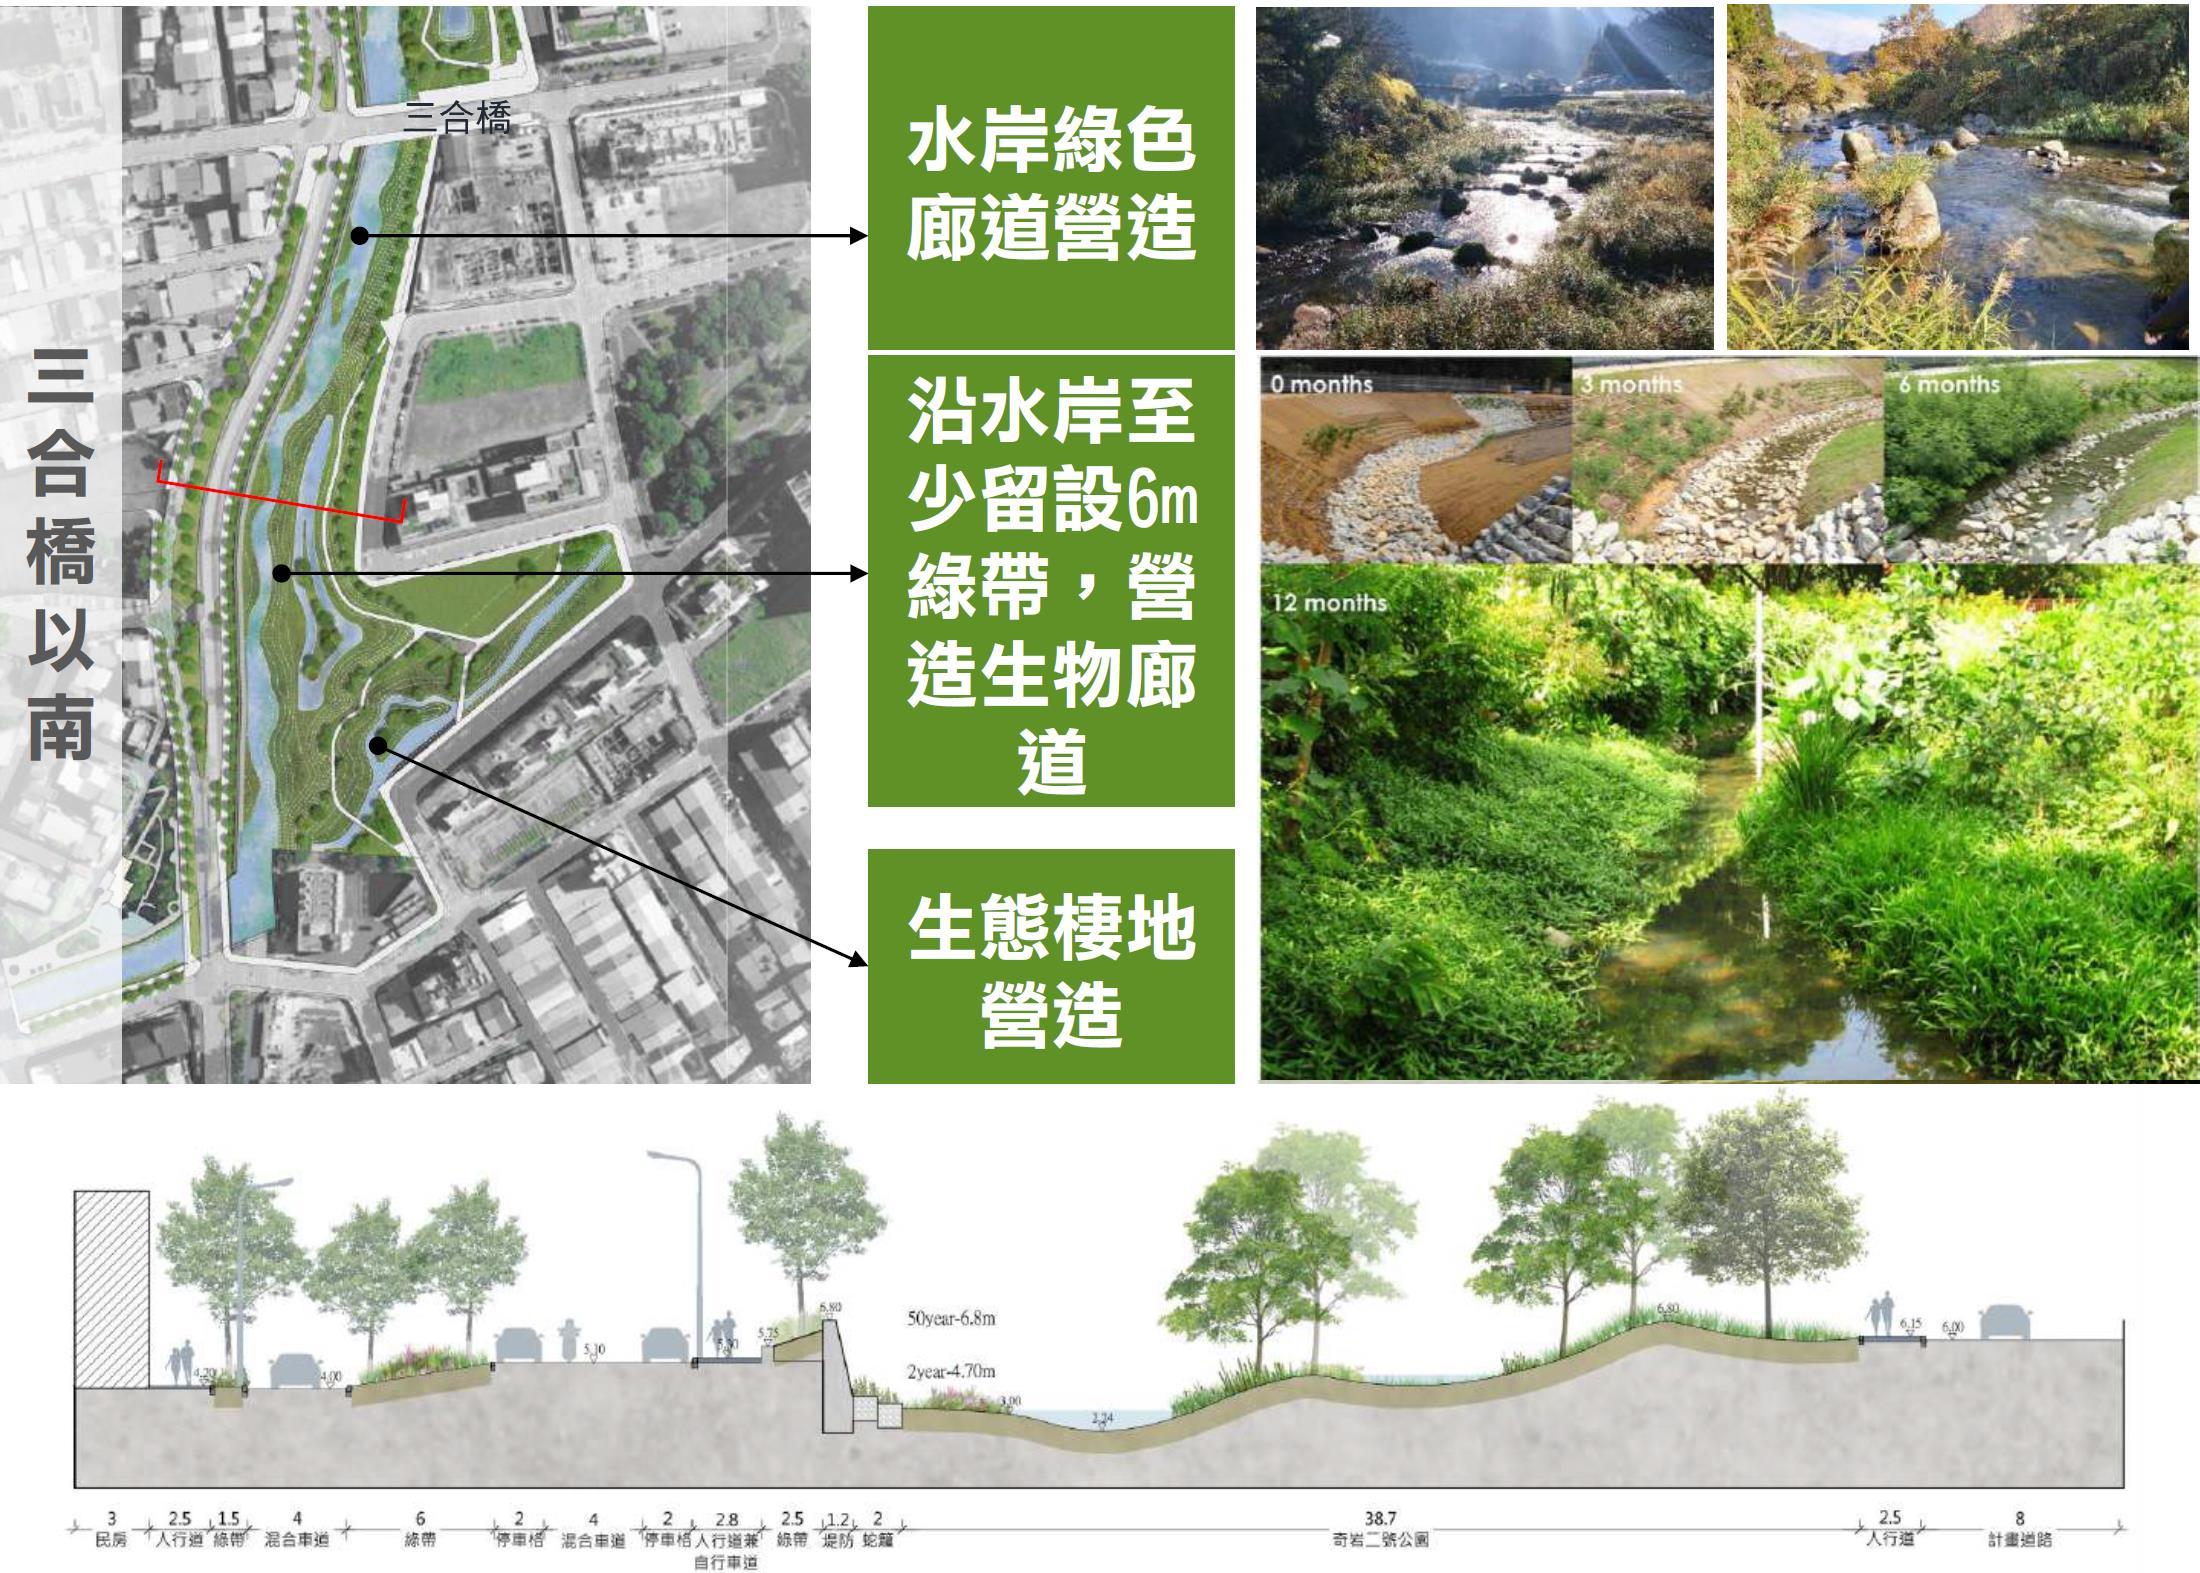 圖10-中游段(生態棲地營造)